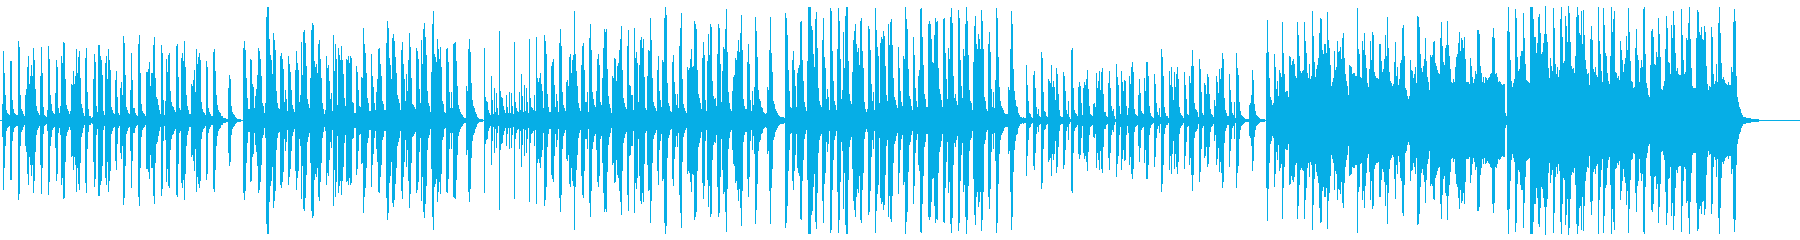 のんびりコミカルな木管とピアノの再生済みの波形